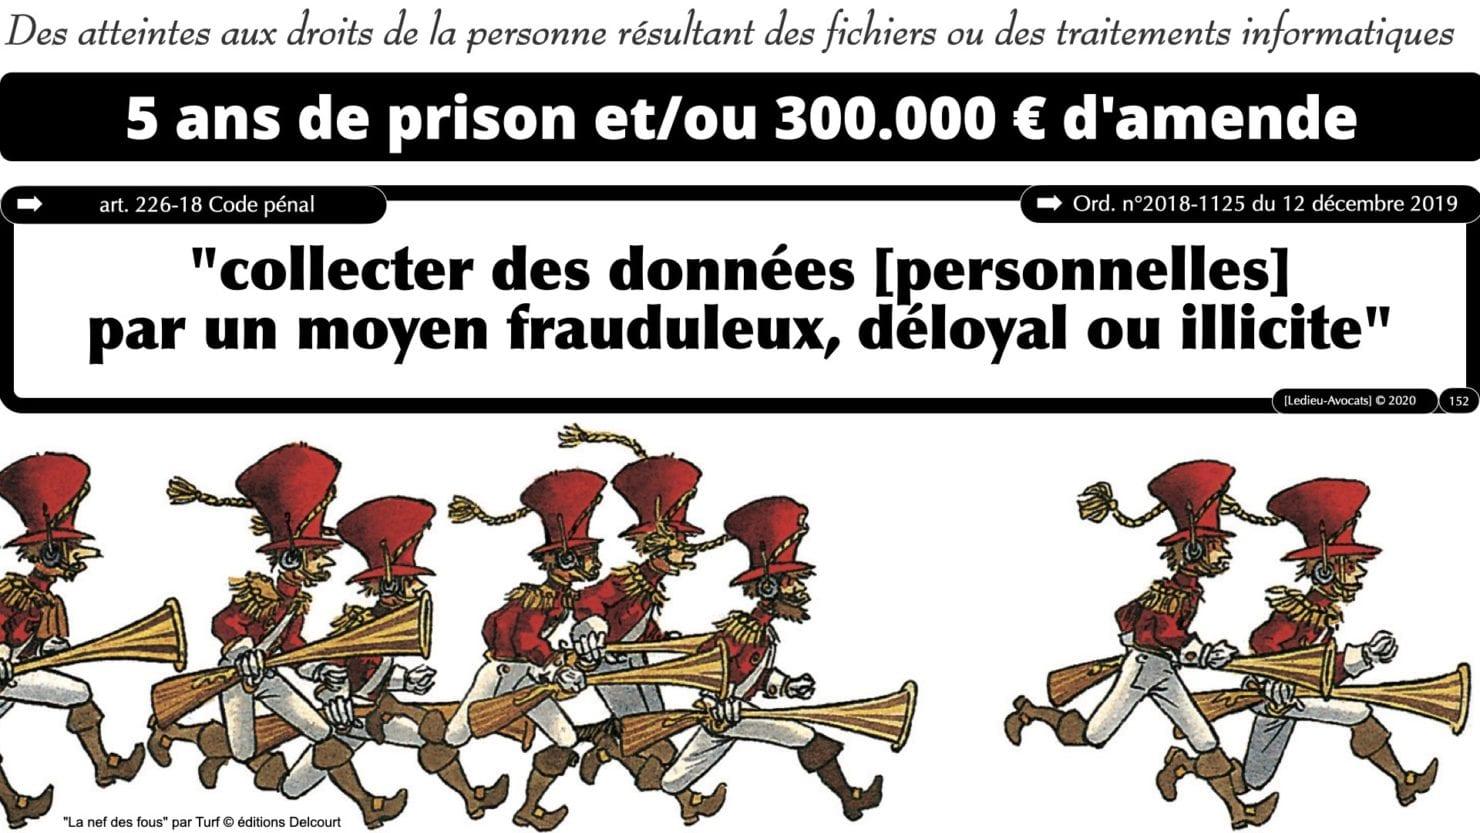 333 CYBER ATTAQUE responsabilité pénale civile contrat © Ledieu-Avocats 23-05-2021.152